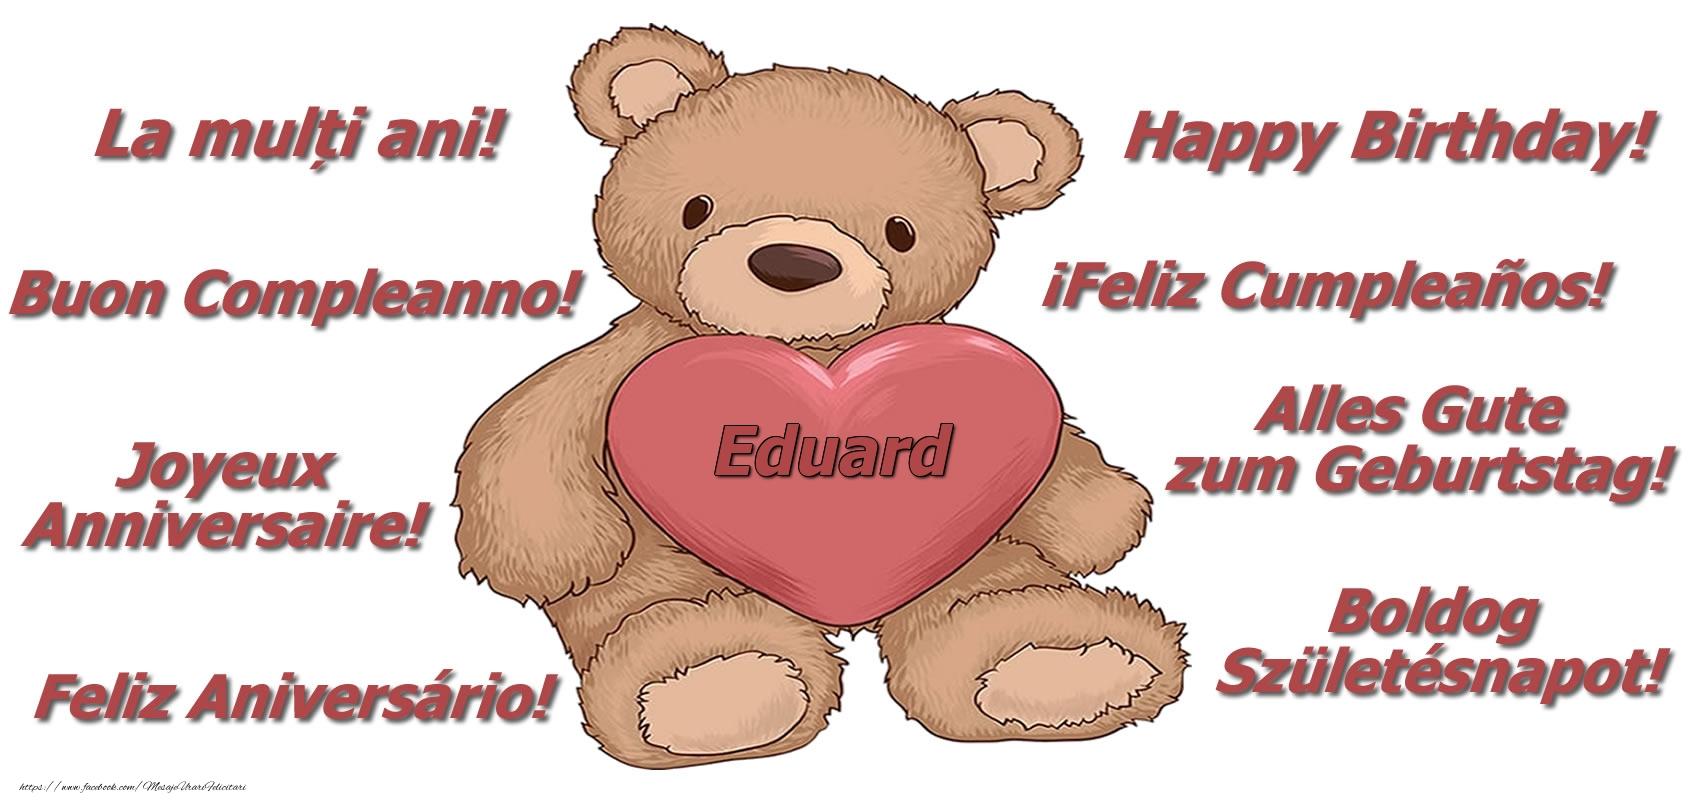 Felicitari de zi de nastere - La multi ani Eduard! - Ursulet